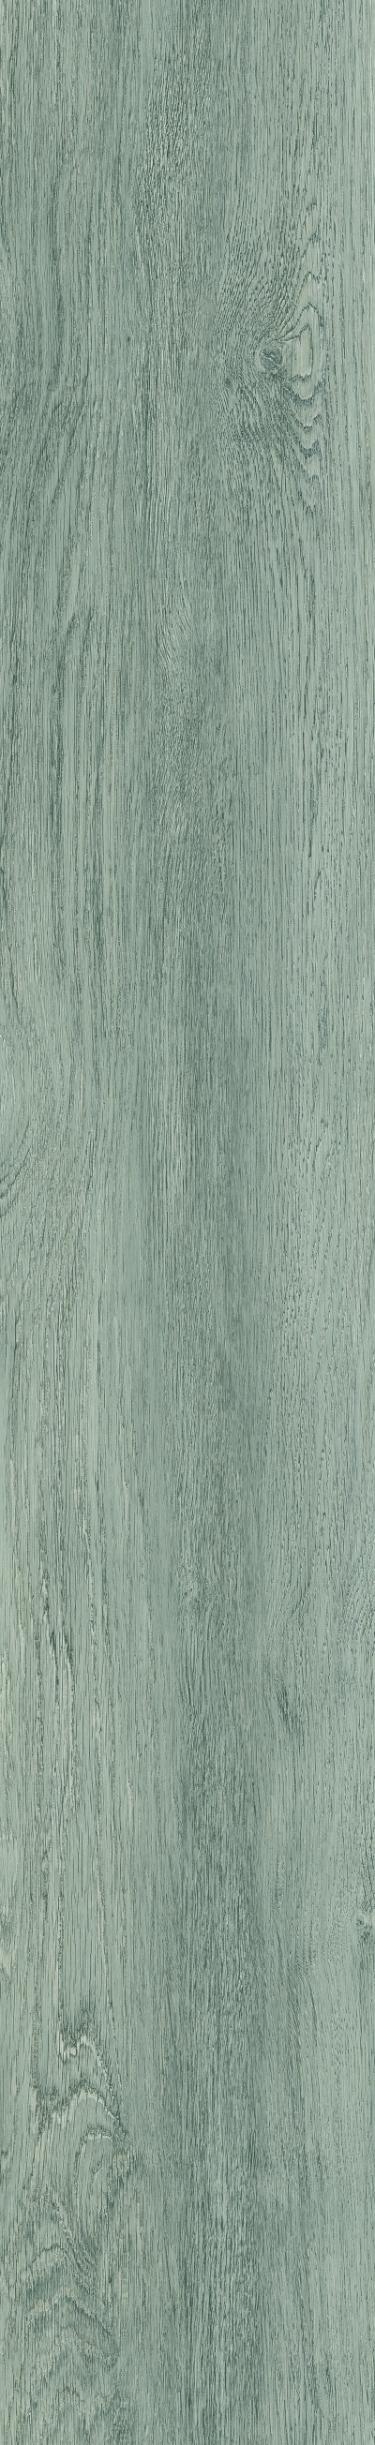 Ceník vinylových podlah - Vinylové podlahy za cenu 700 - 800 Kč / m - Gerflor DESIGNART Home Click Empire Pearl